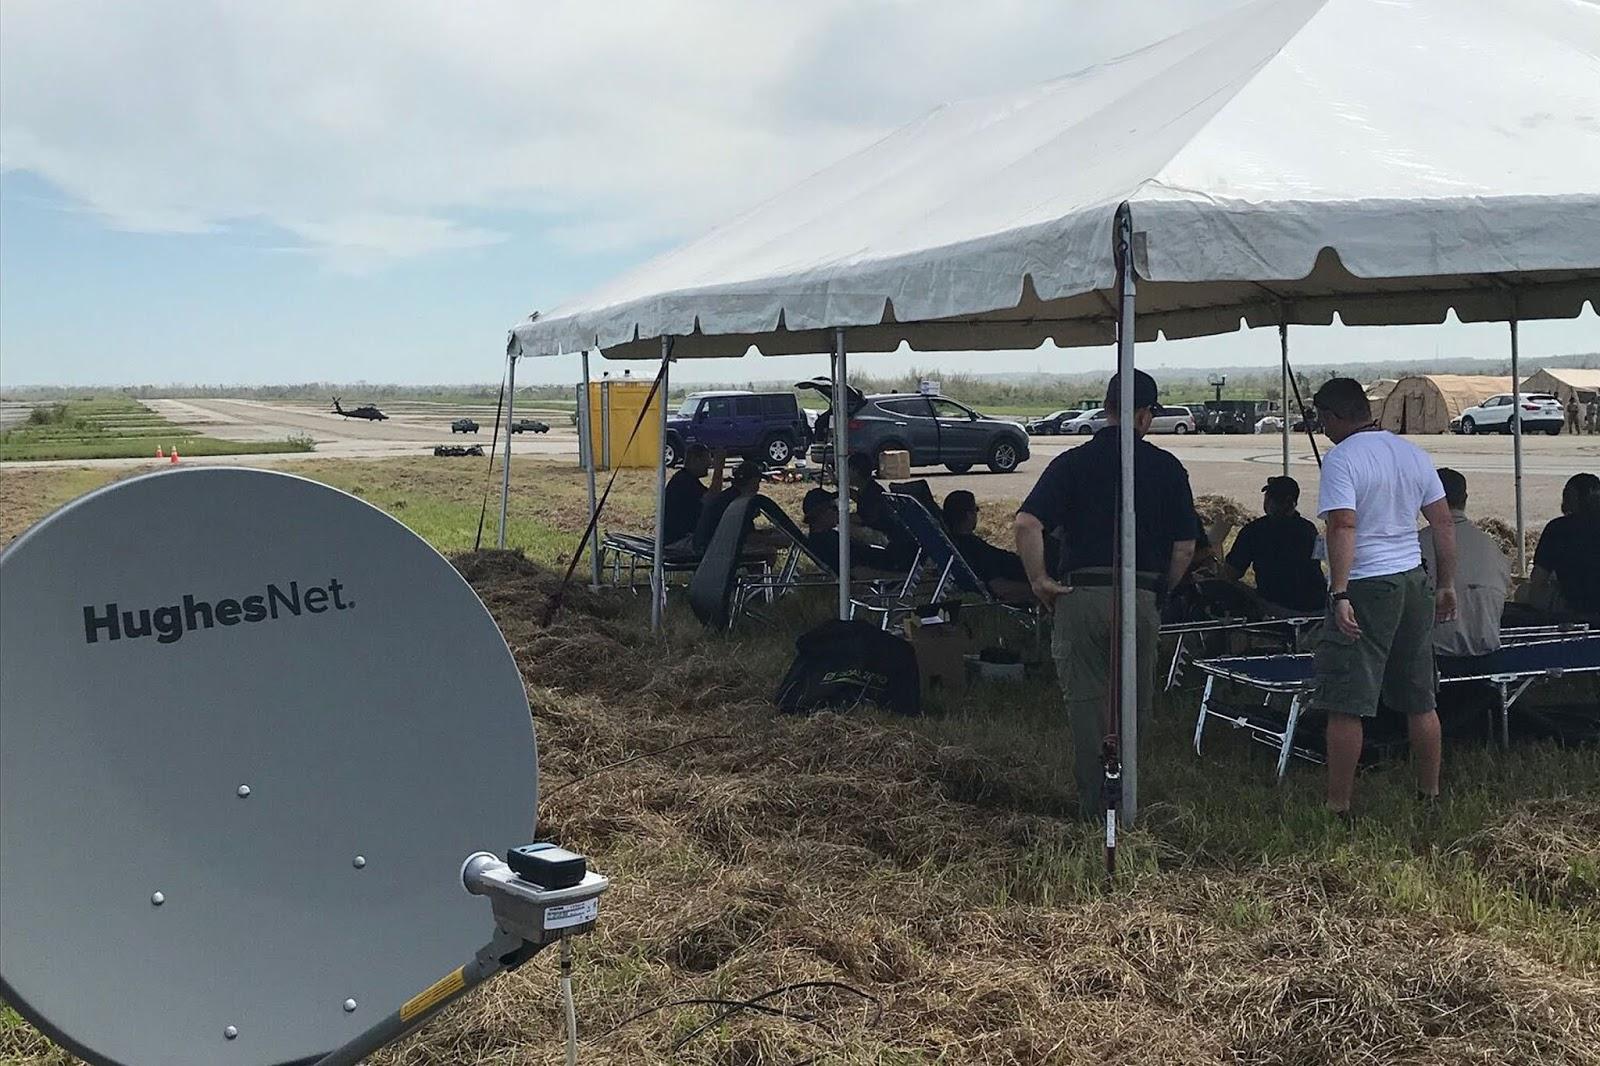 Hughes lanza servicio de Internet satelital de alta velocidad en Ecuador